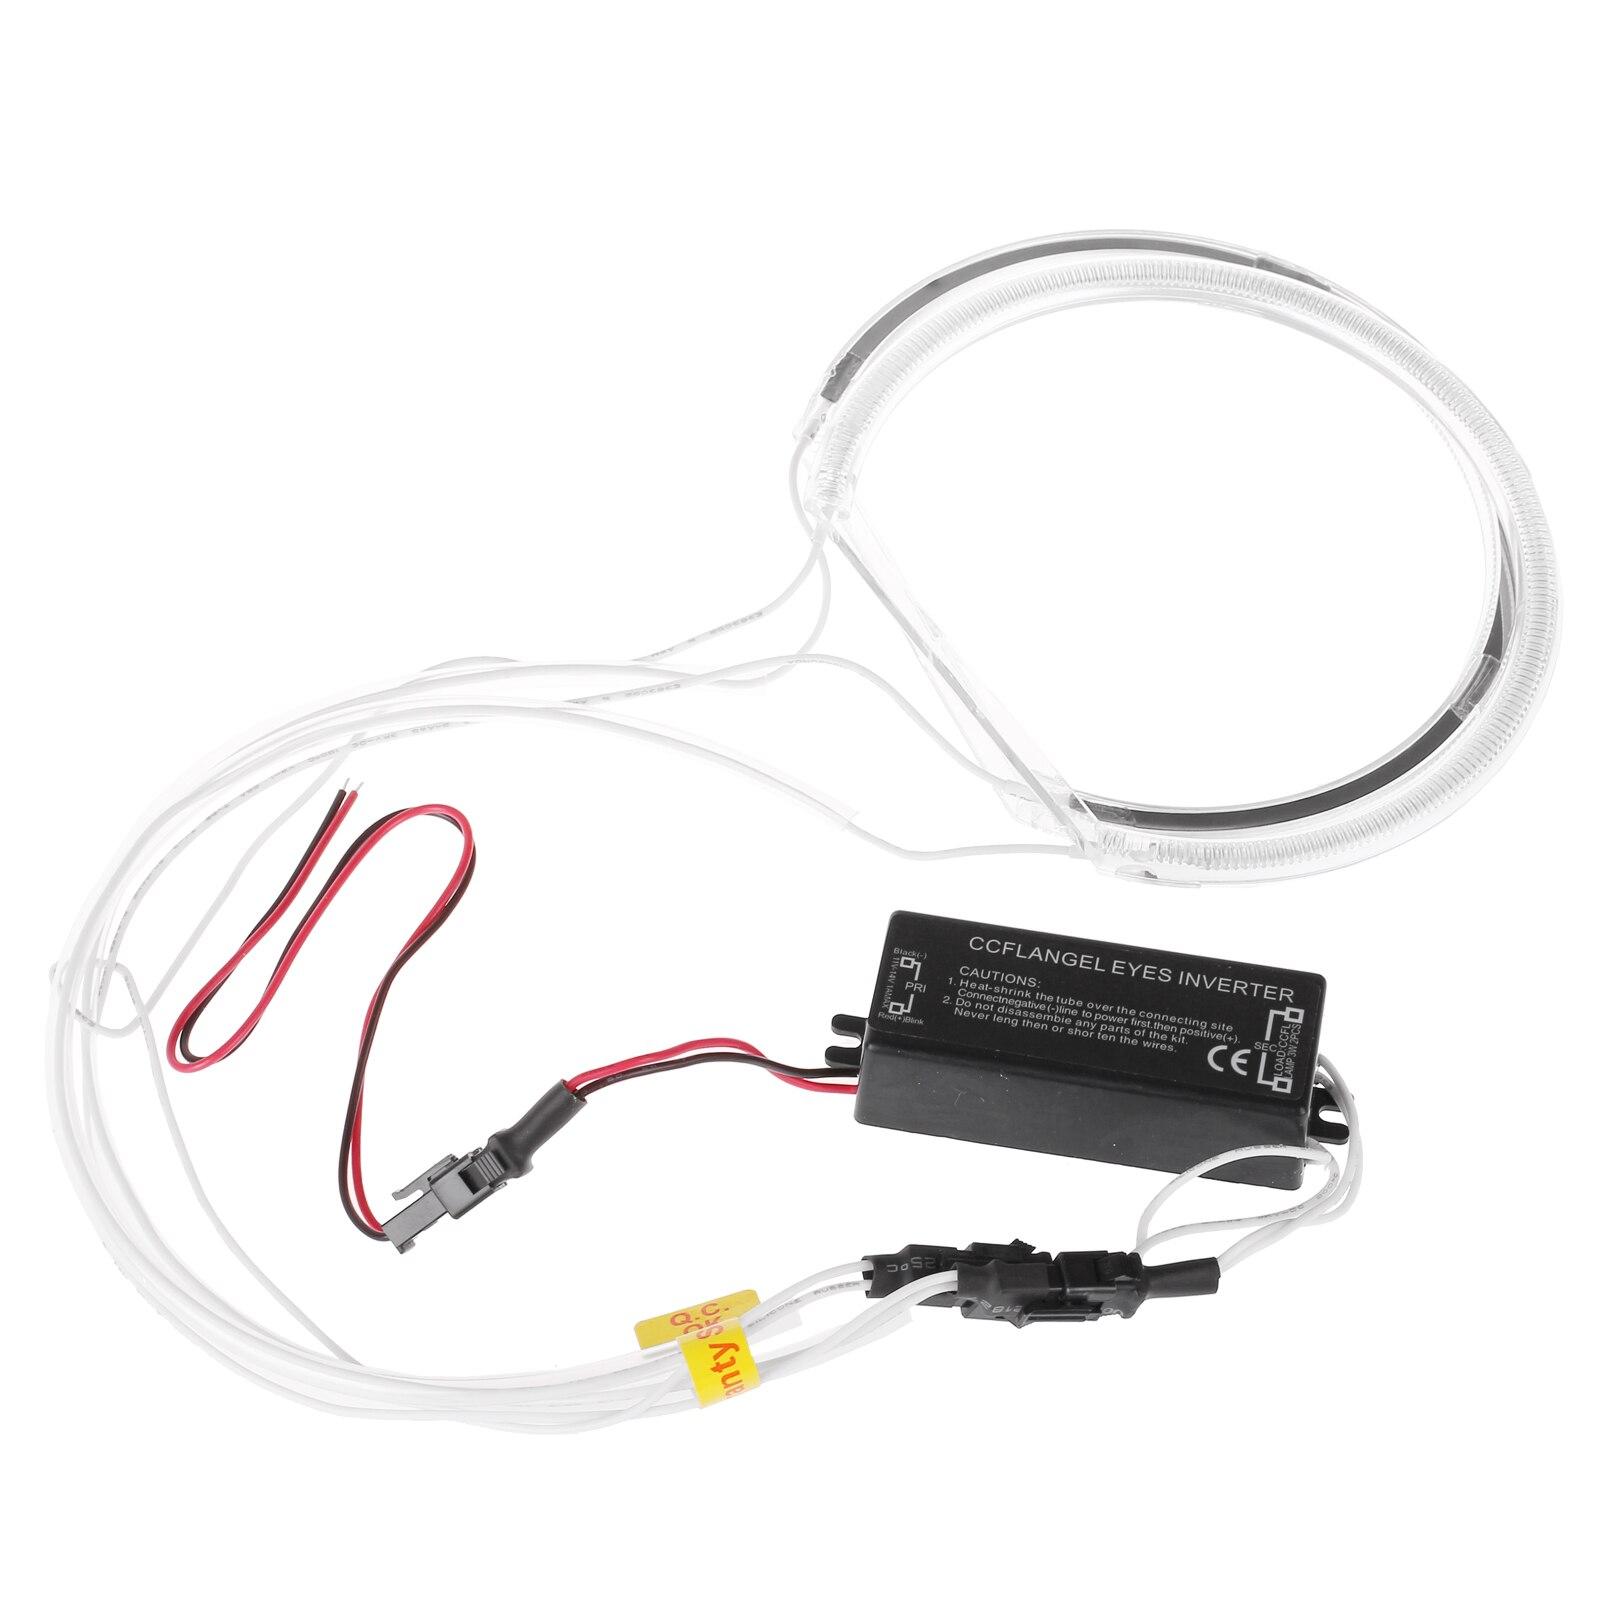 Image 5 - CCFL phare tubulaire Flexible 4 pièces  Ange Eagle Eyes, lumière blanche pour BMW E36 3 E38 7 E39 5 E46 (131*2 + 146*2), nouvelle collectionAccessoires pour feux de voiture   -